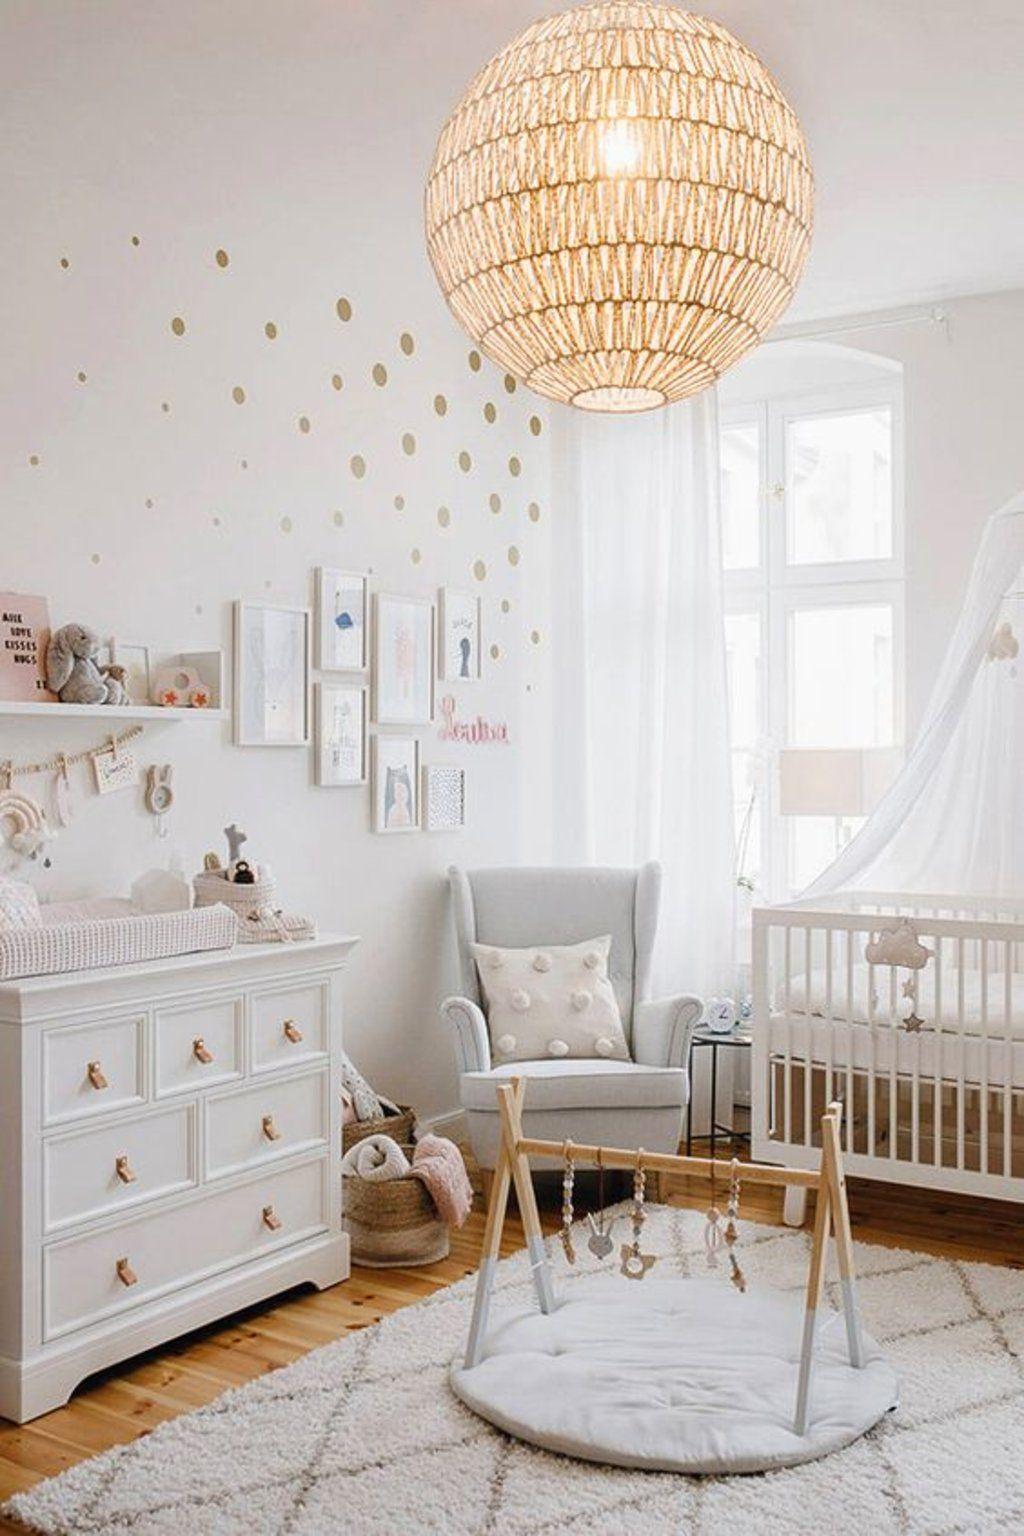 Deco Chambre Style Exotique chambre d'enfant scandinave exotique vert marron beige kaki